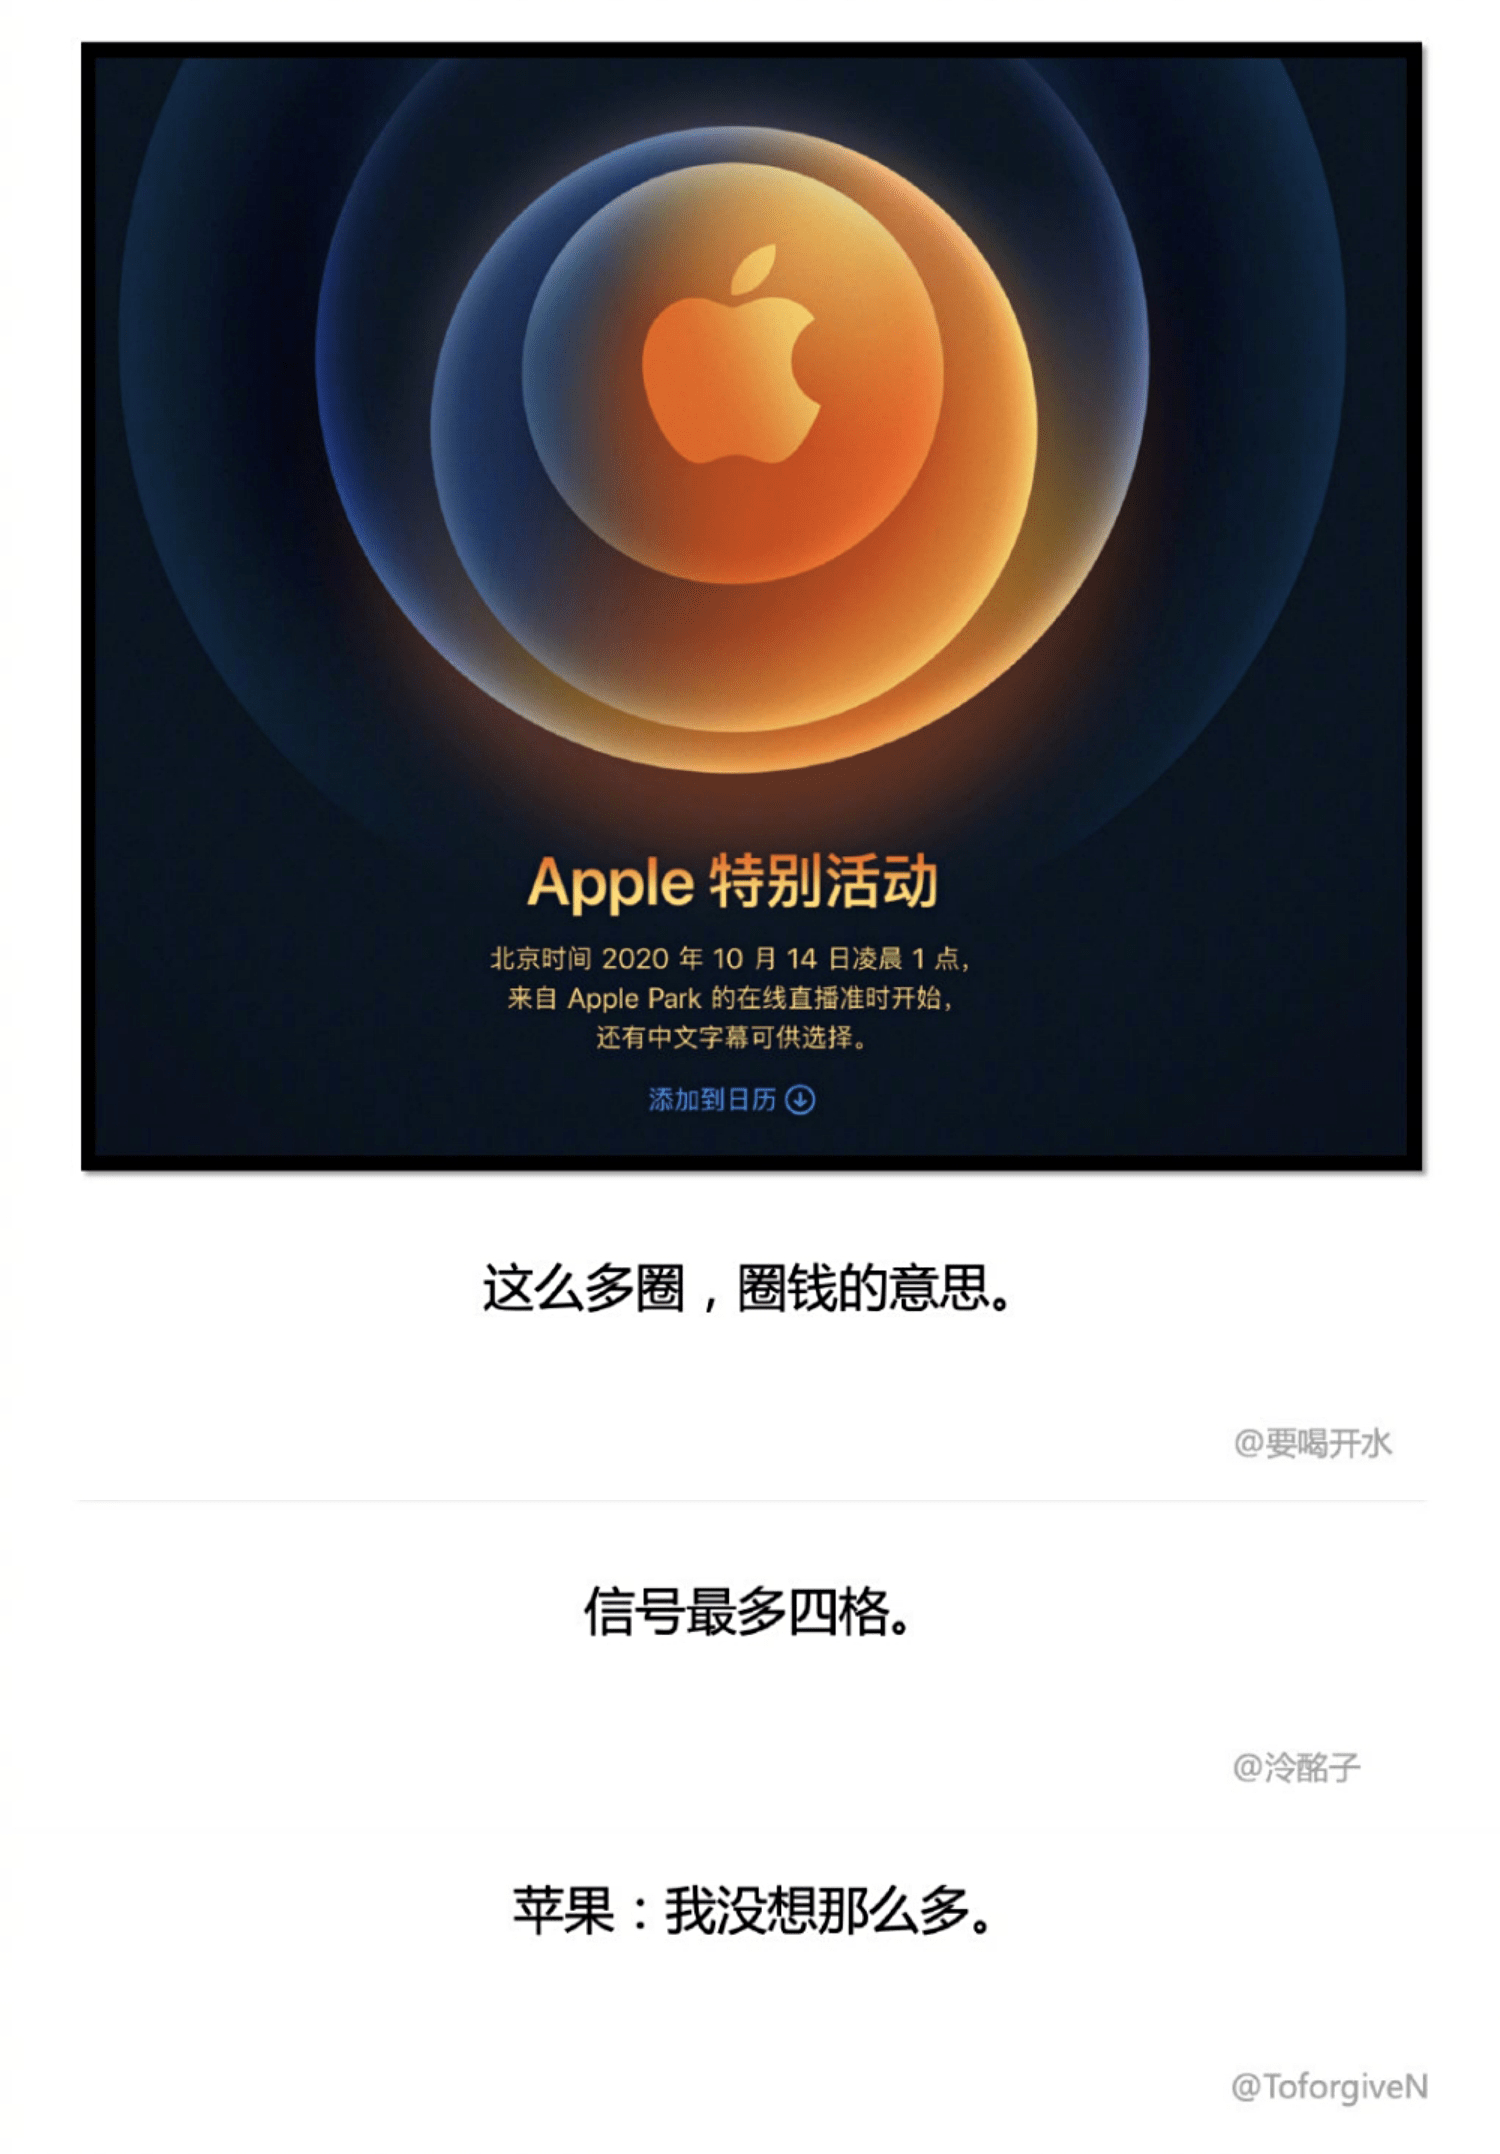 如何解读苹果新品发布会海报?